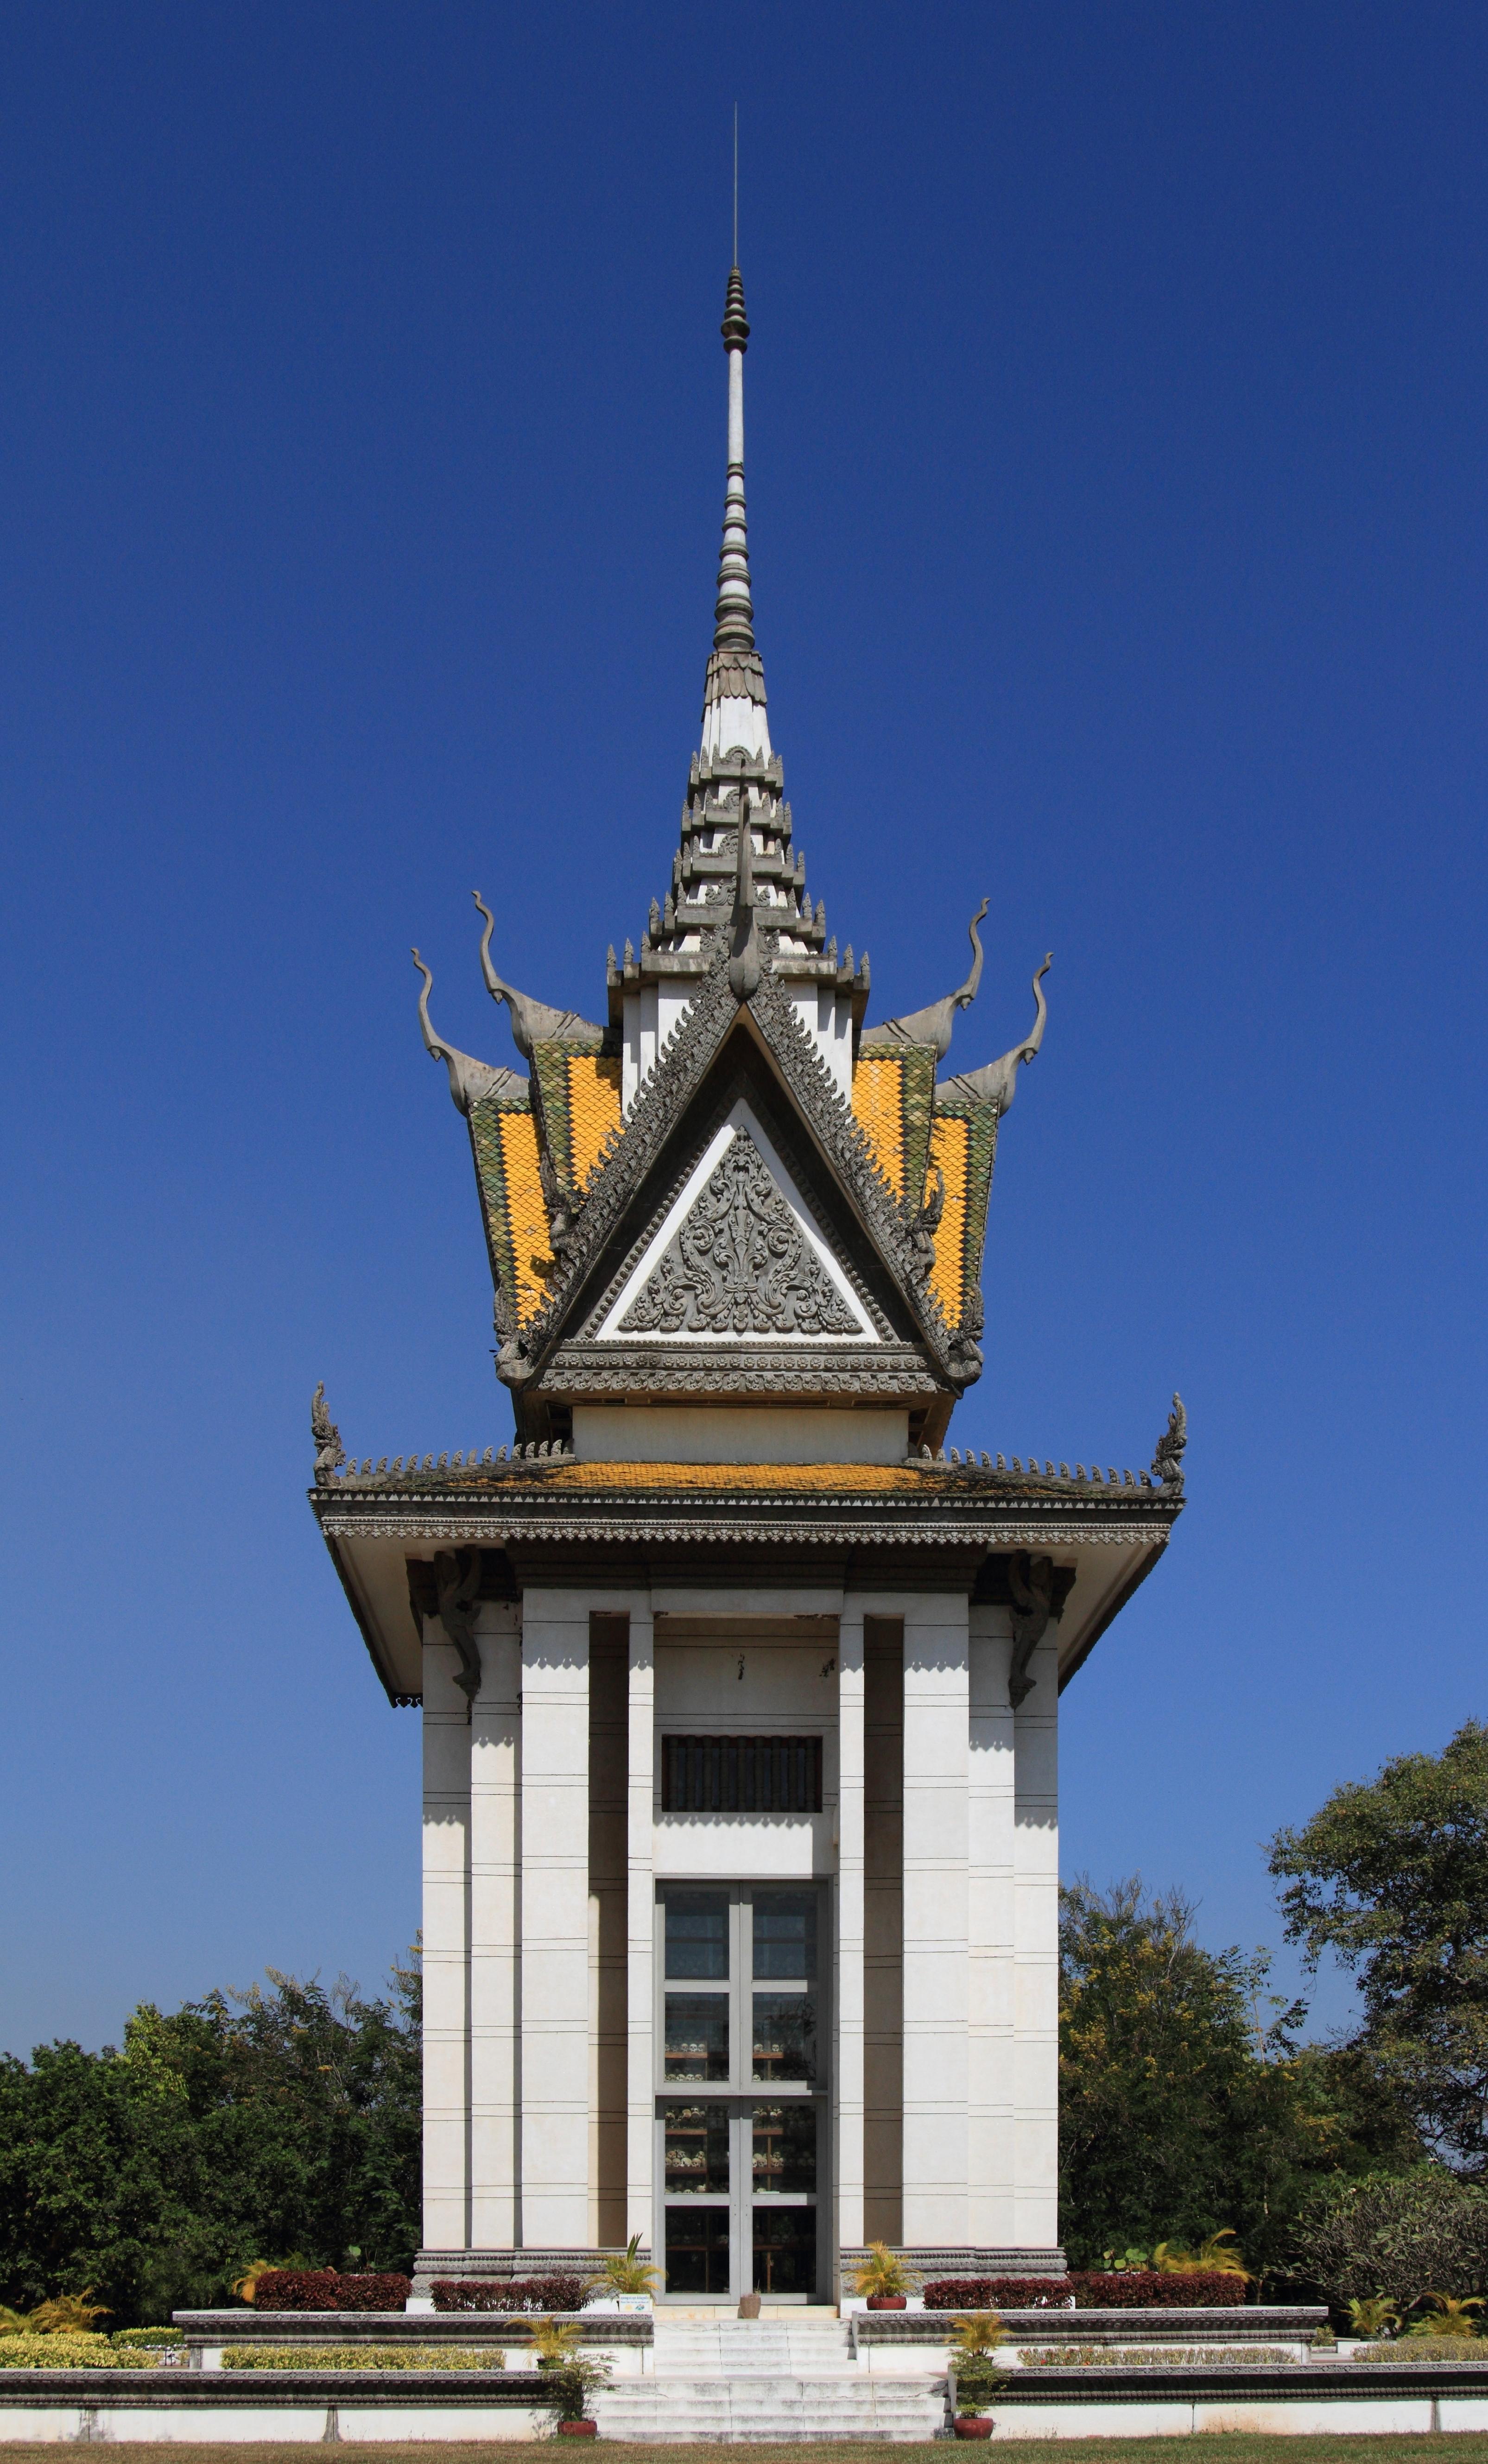 File:Choeung Ek, Memorial Stupa (4406142754).jpg